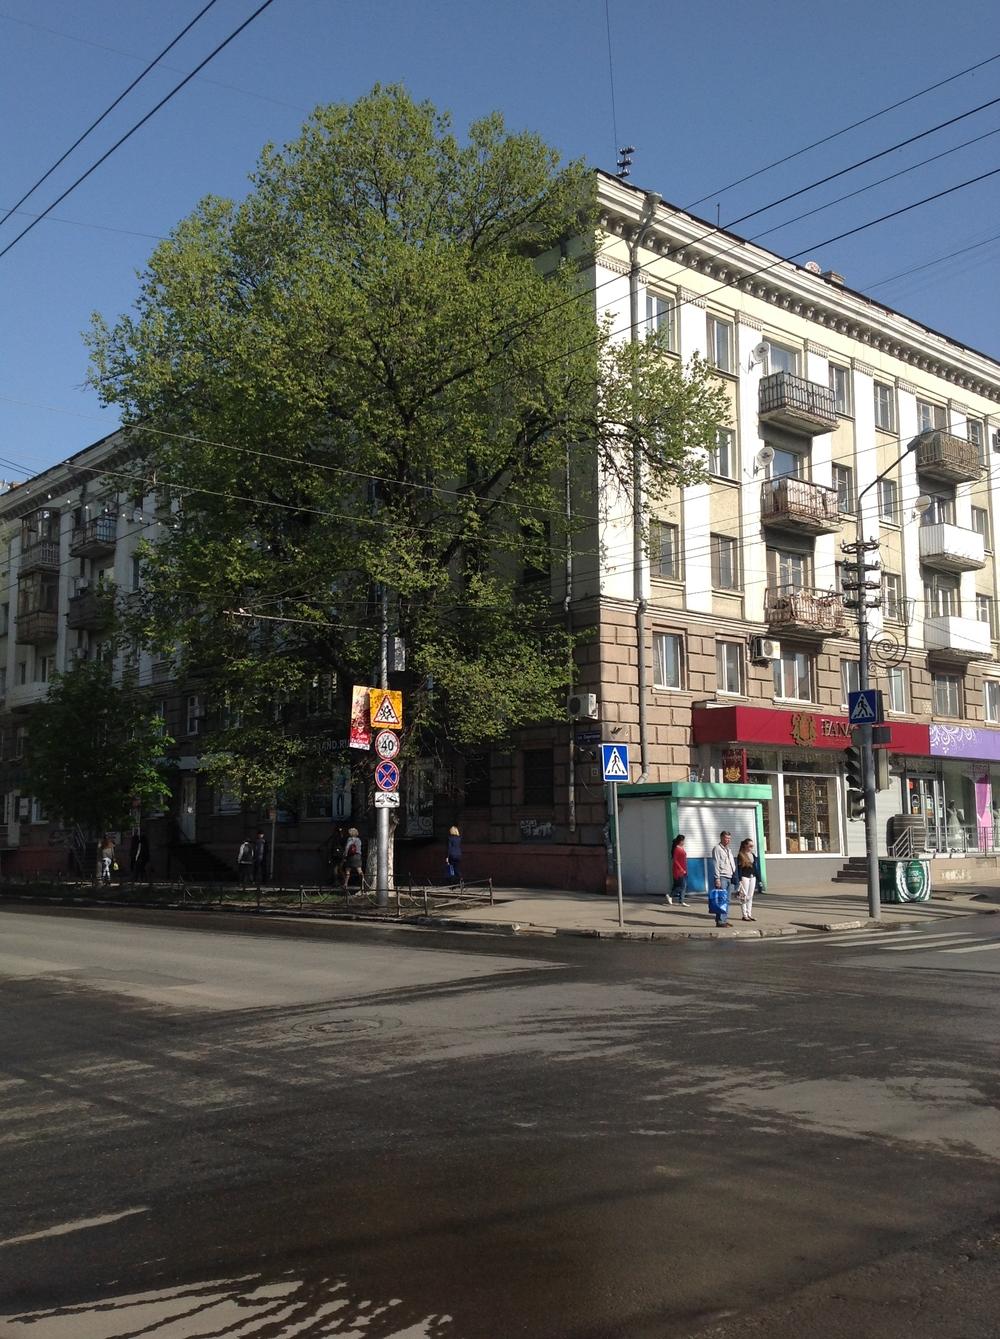 Продам 1-комнатную квартиру в городе Саратов, на улице Советская, 42, 4-этаж 5-этажного Кирпич дома, площадь: 35/20/8 м2